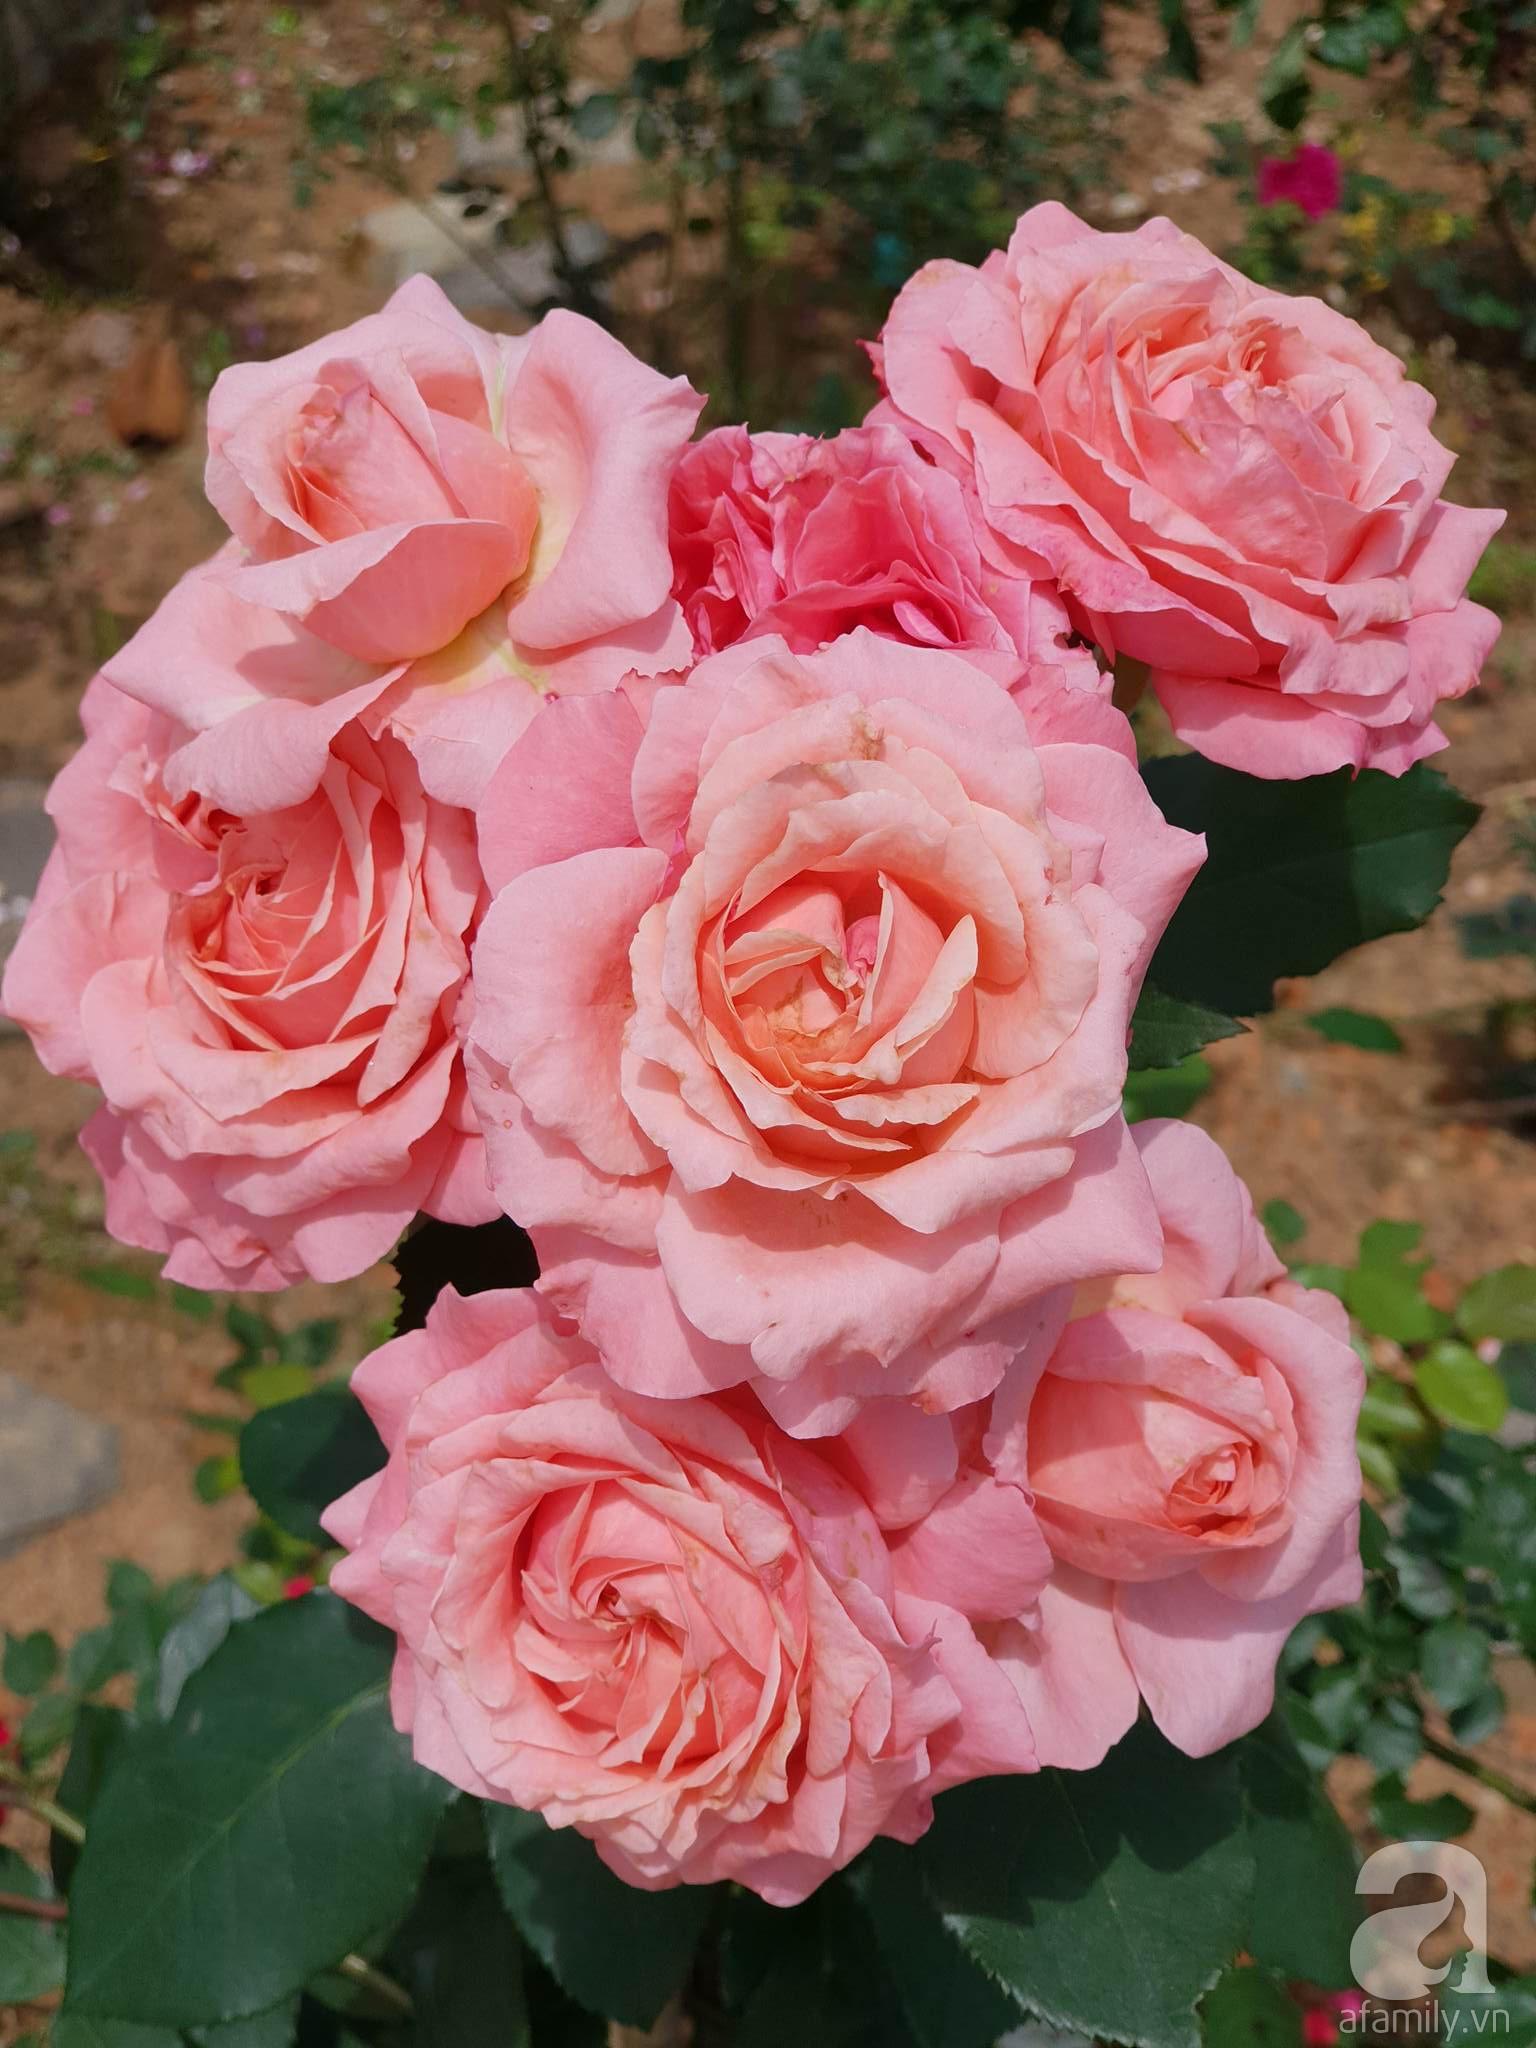 Ngôi nhà hoa hồng thơm ngát và rực rỡ với hàng trăm gốc hồng trên triền núi của cô giáo ở Cao Bằng - Ảnh 21.